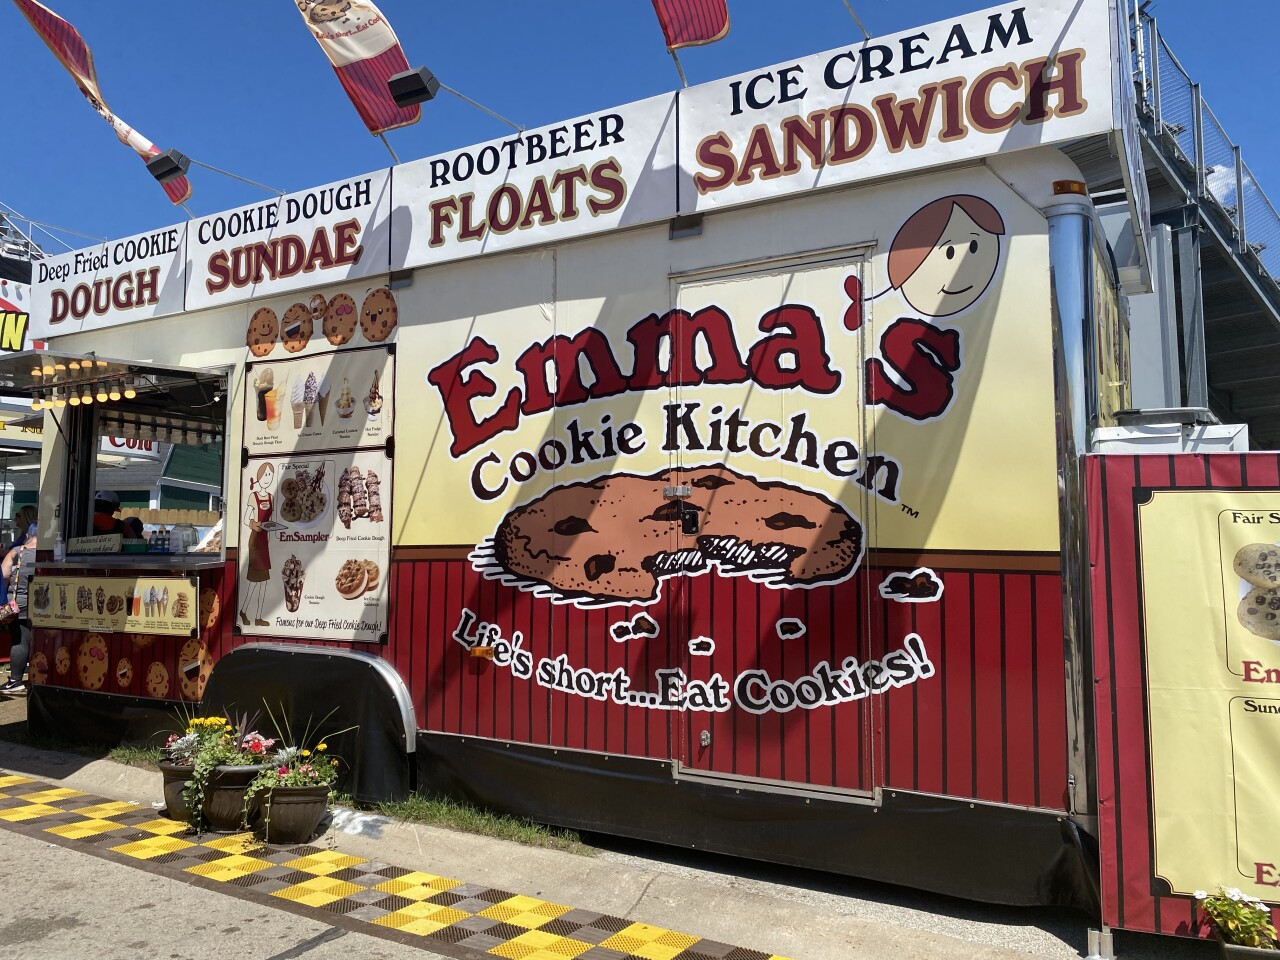 Emma's Cookie Kitchen